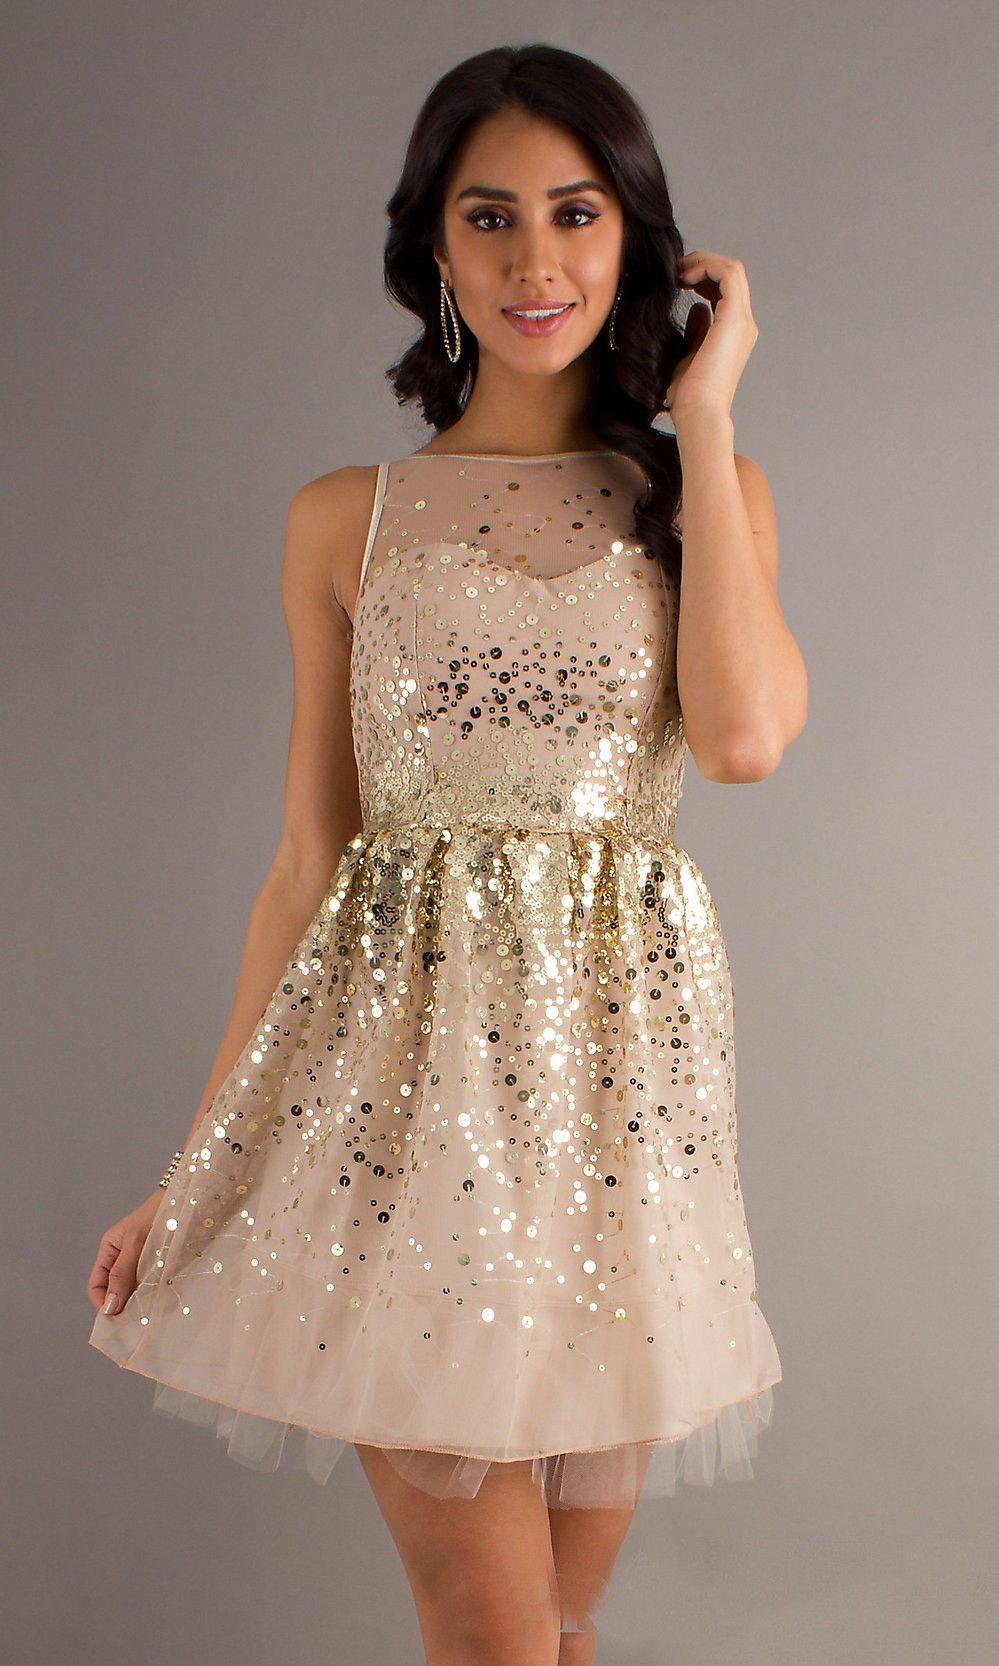 Short gold bridesmaid dresses top 250 gold bridesmaid for Gold bridesmaid dresses wedding